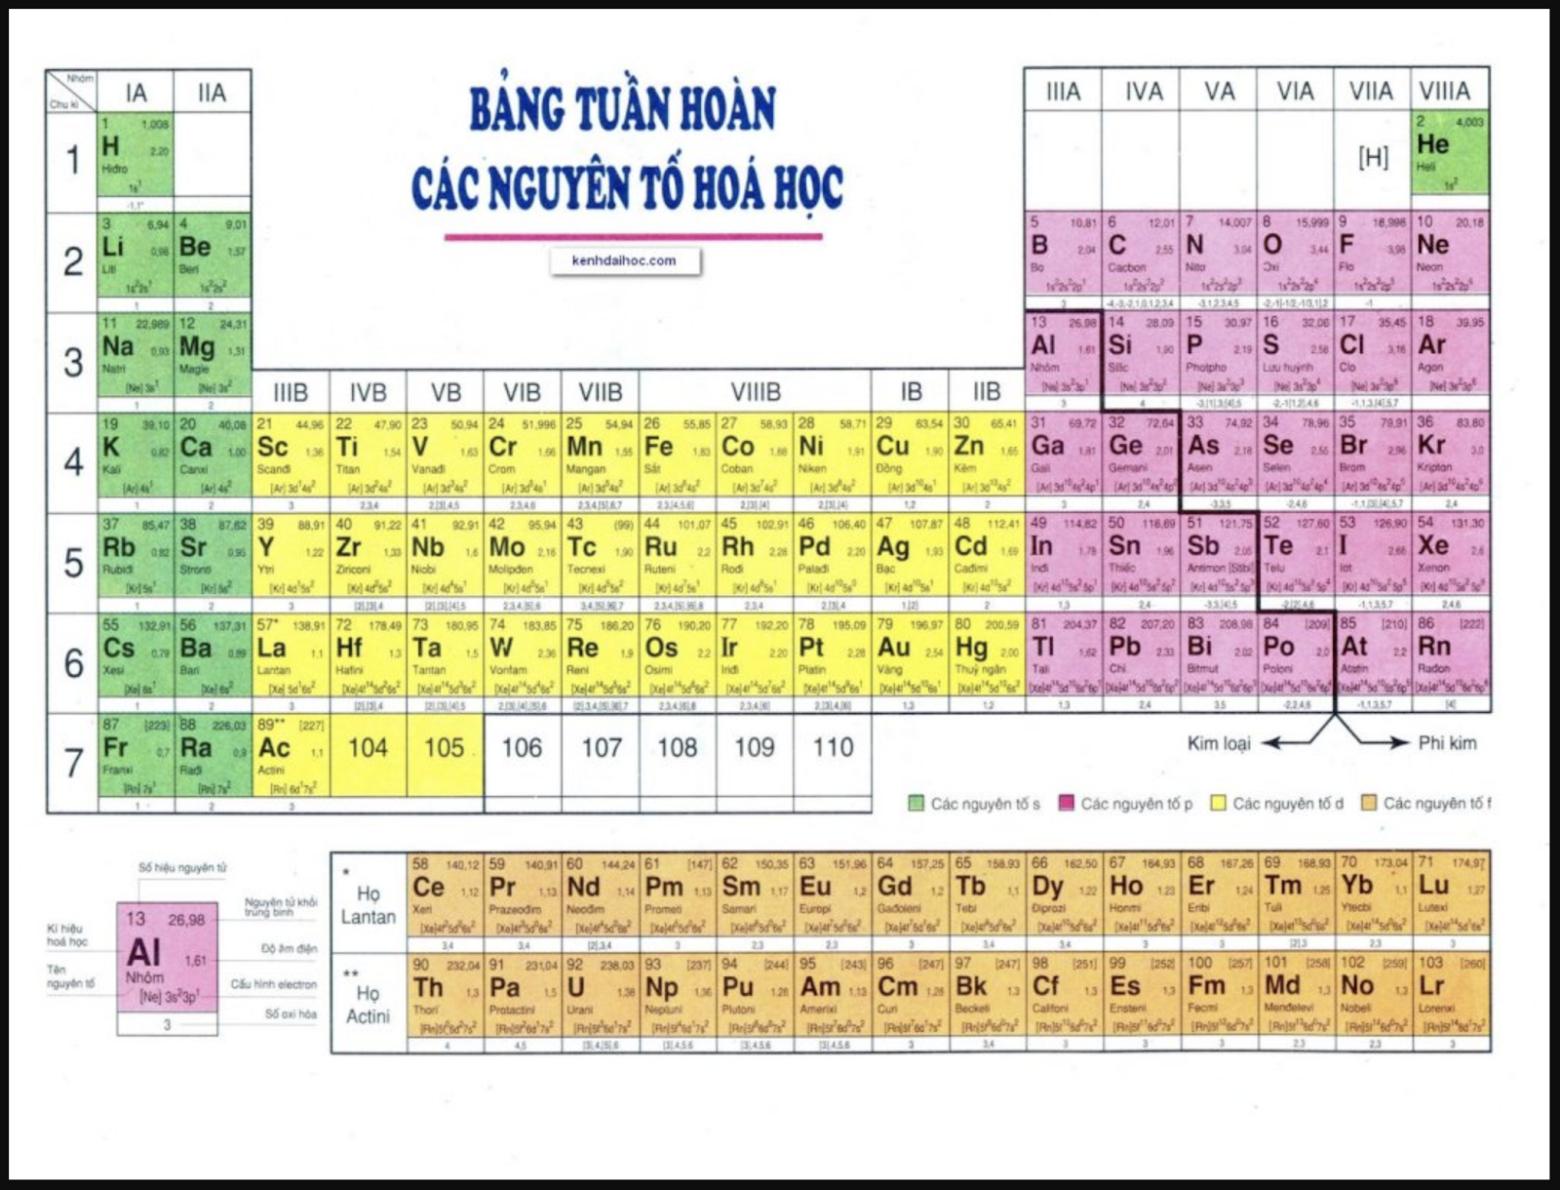 Bảng tuần hoàn hóa học và 12 mẹo ghi nhớ dễ dàng nhất